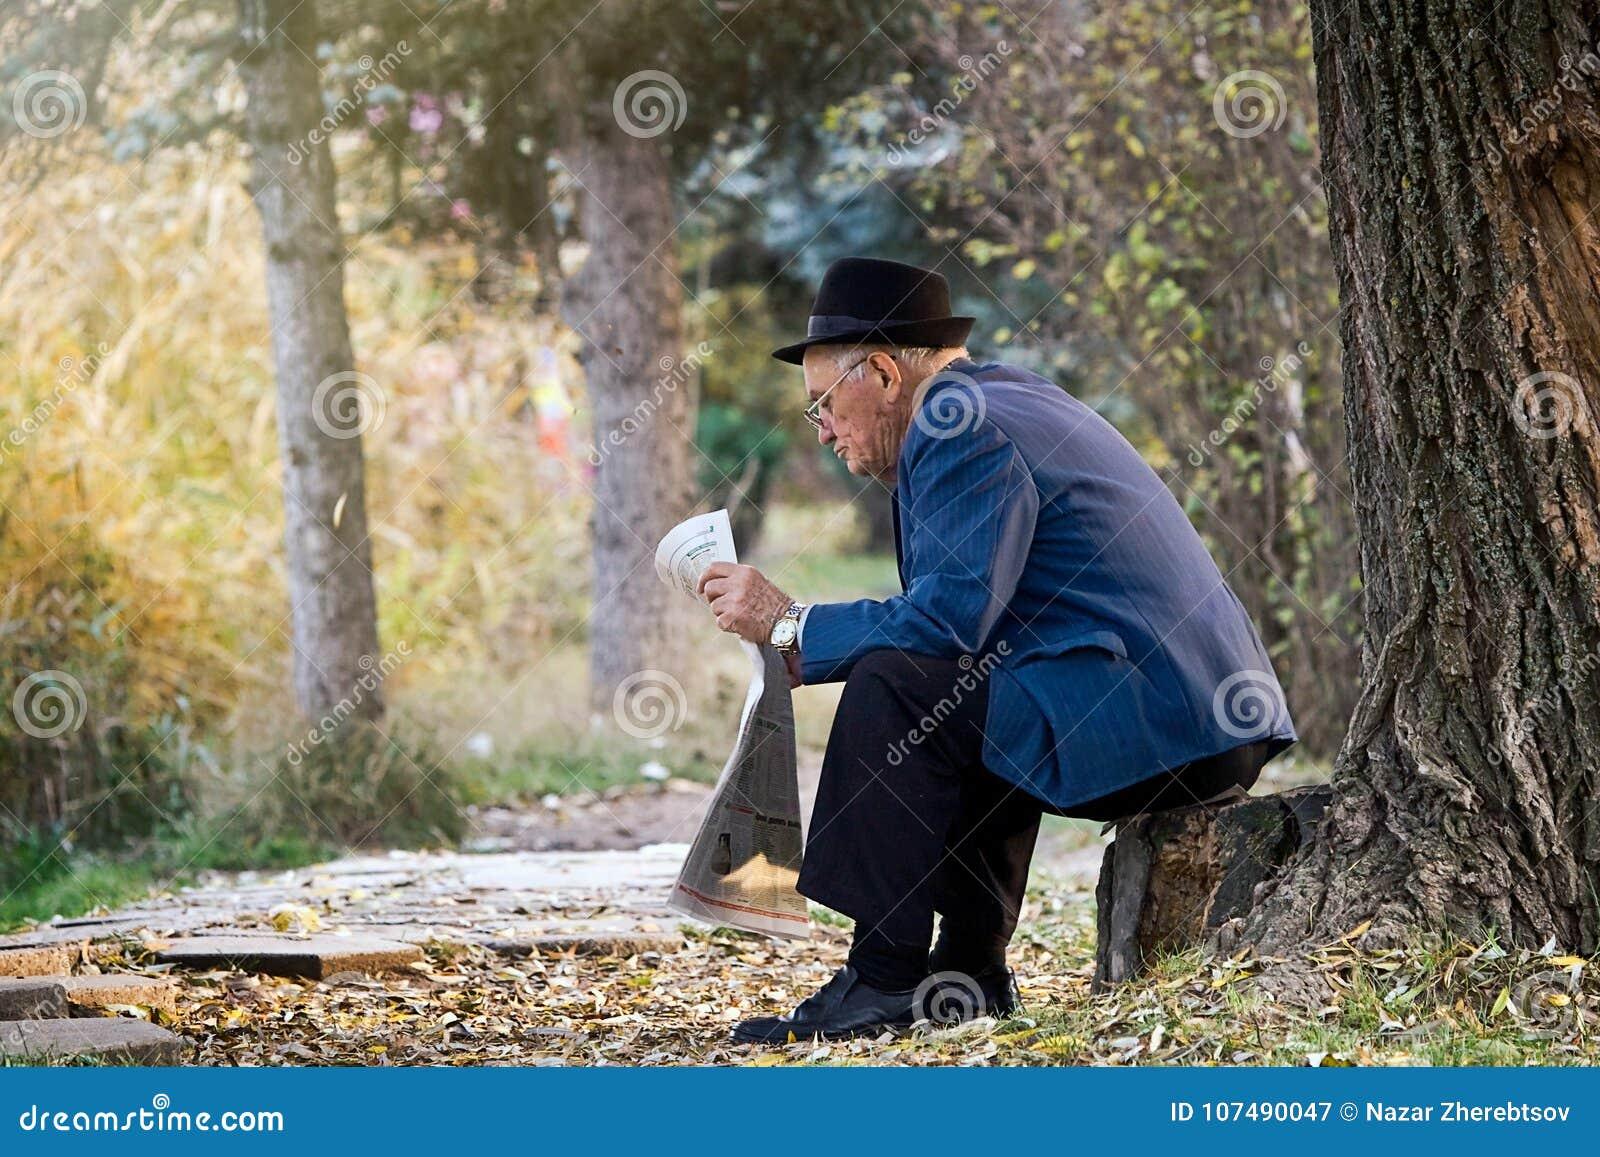 SIMFEROPOL, UKRAINE, November, 12,2009 - älterer Herr mit dem Hut, der auf dem Stumpf sitzt und eine Zeitung in einem Park liest